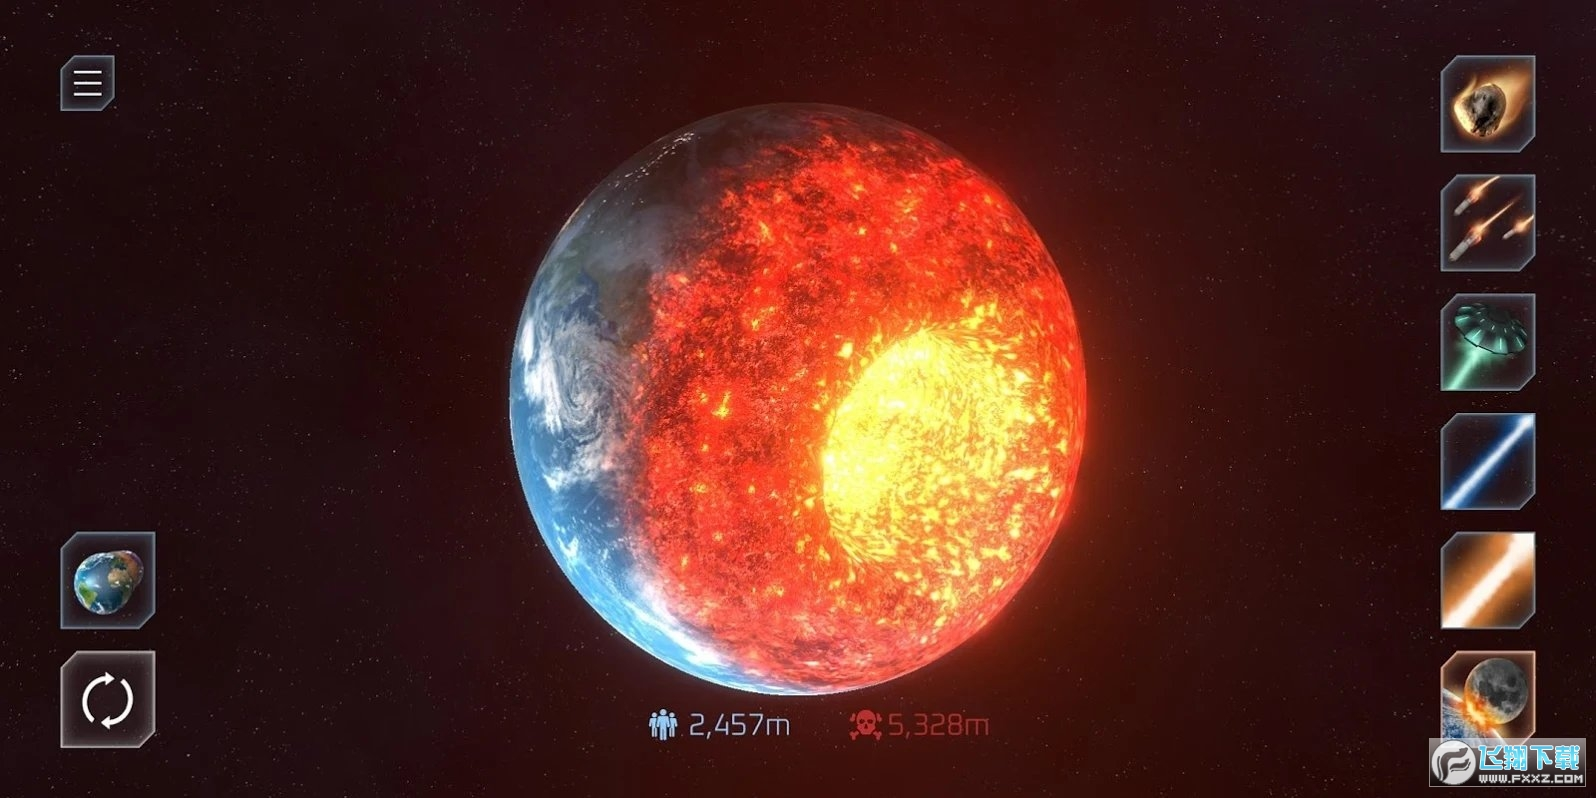 星球毁灭模拟器汉化版v1.4.1最新版截图0